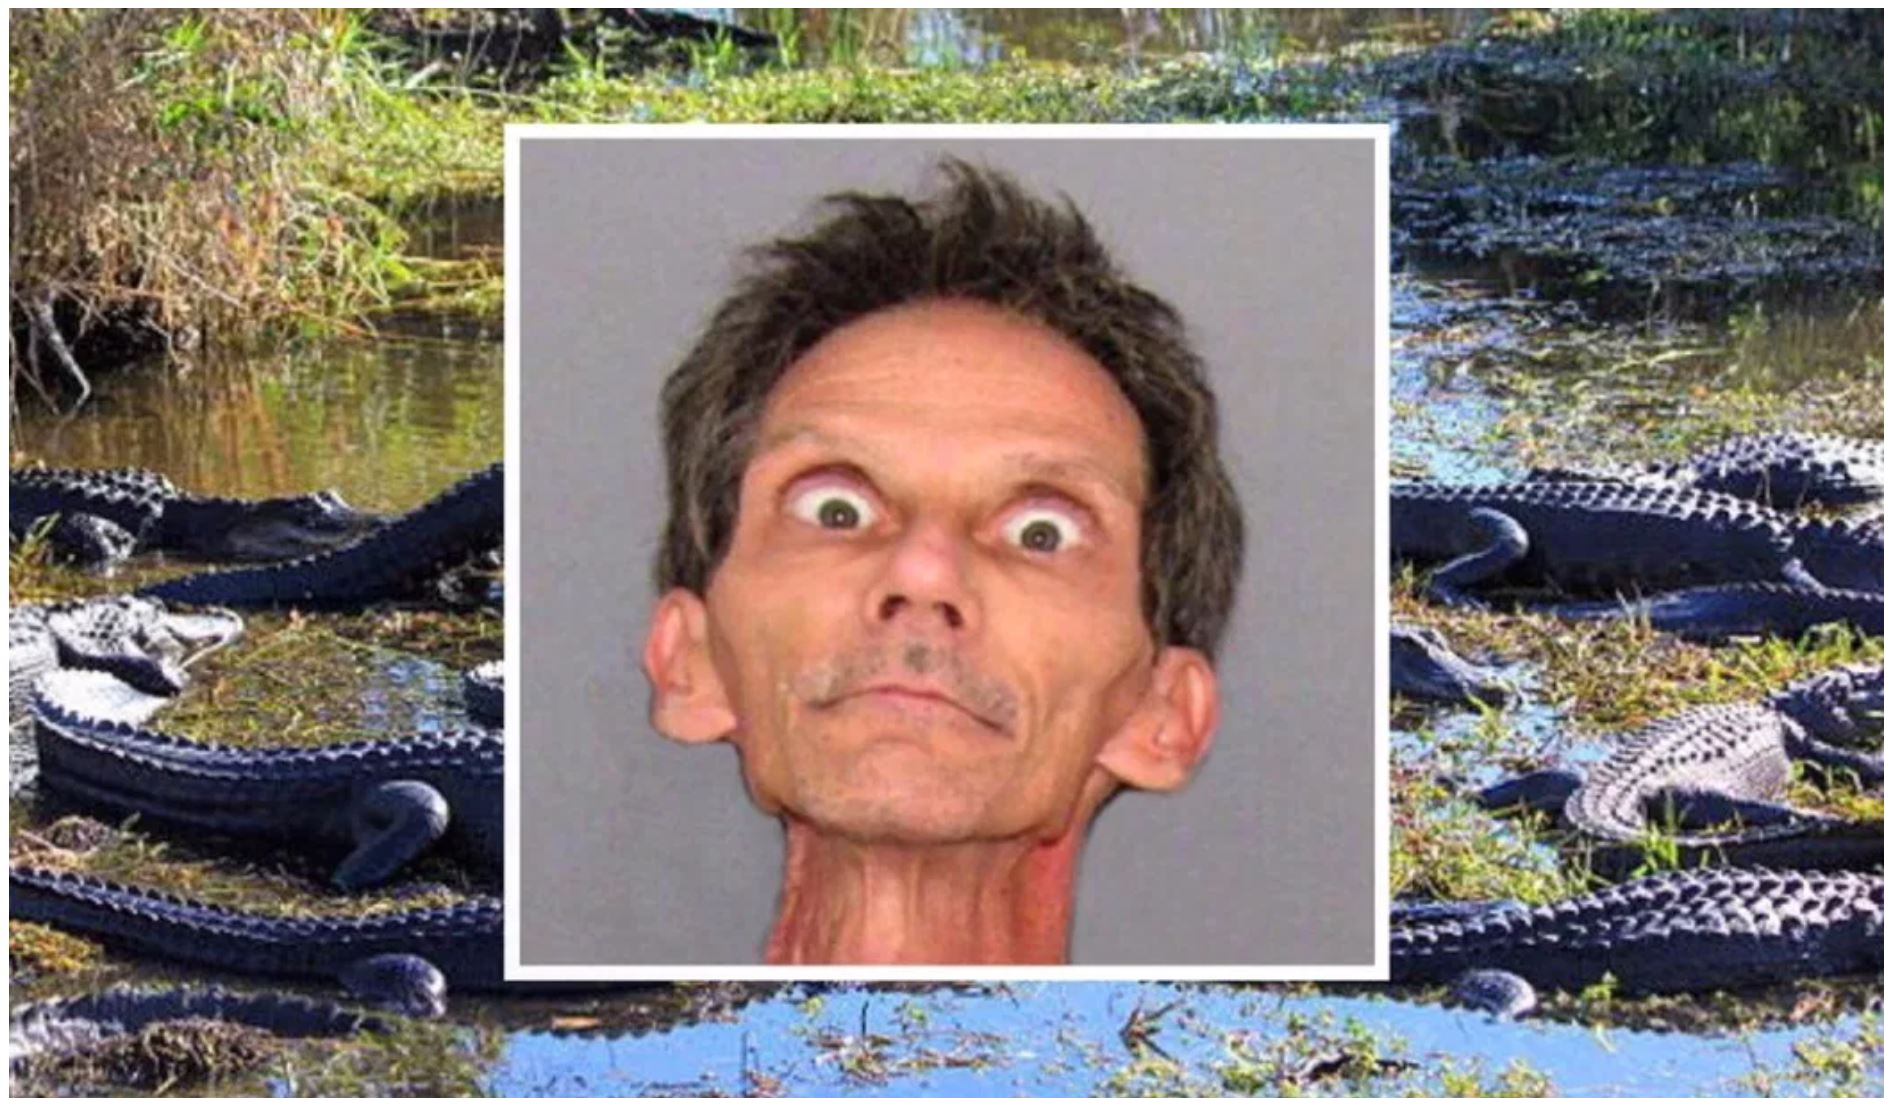 Man rapes alligators